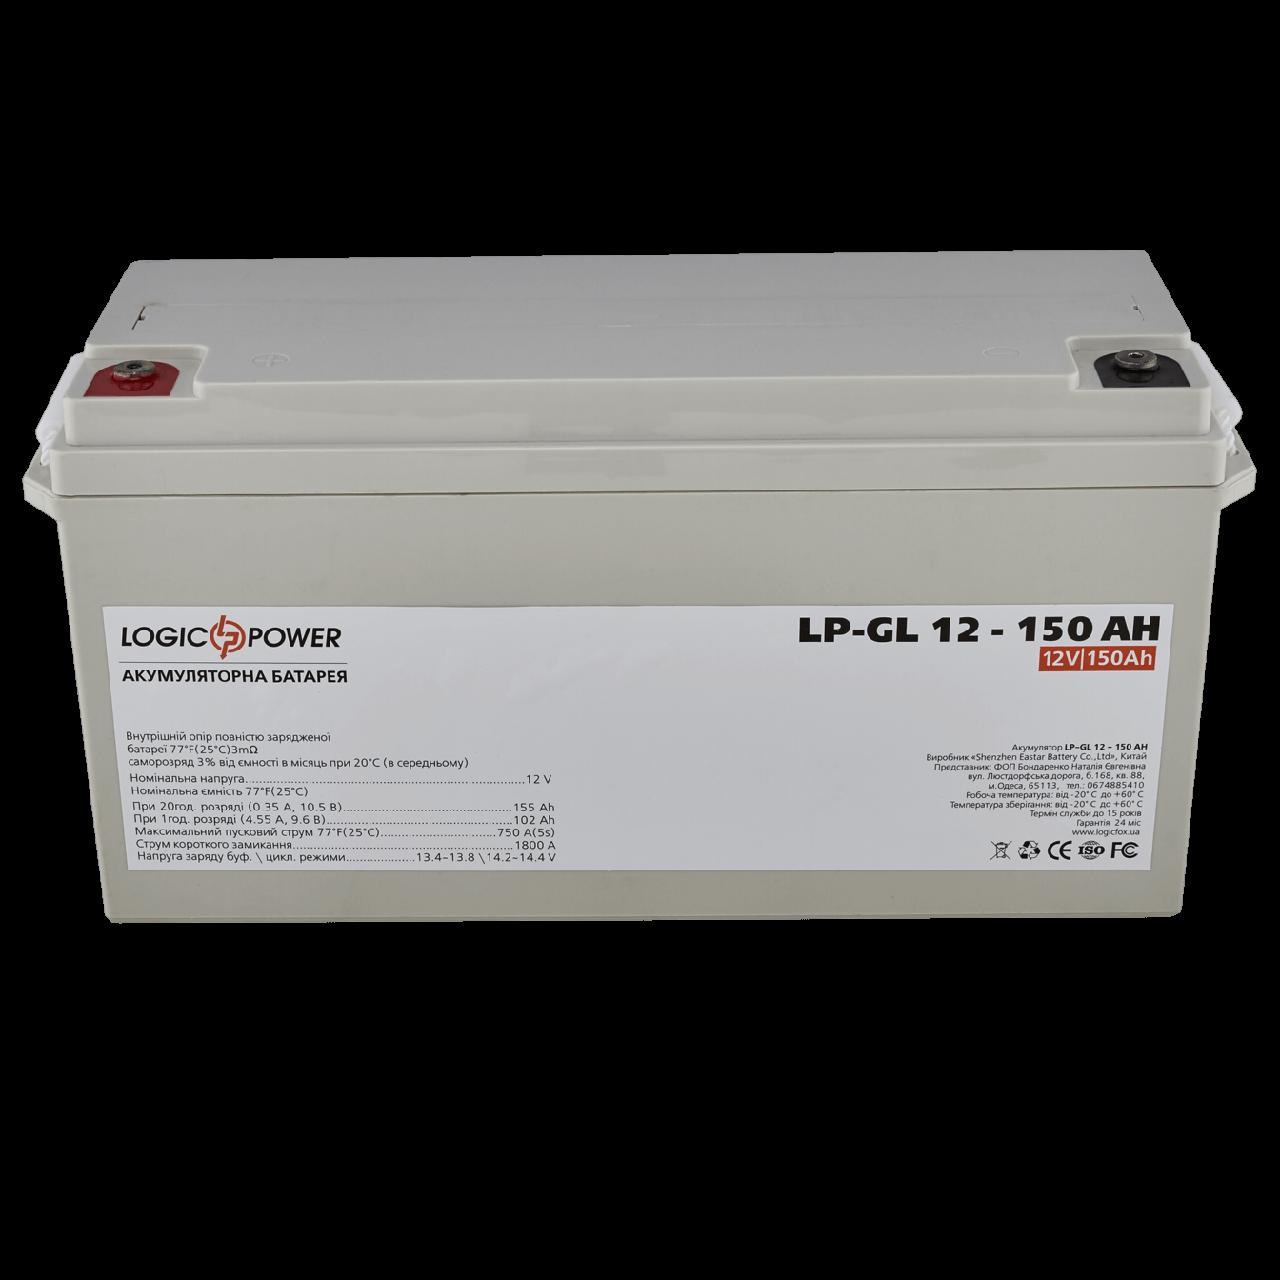 Аккумулятор гелевый GEL - 150 Ач 12В LogicPower LPM-GL 12-150 AH